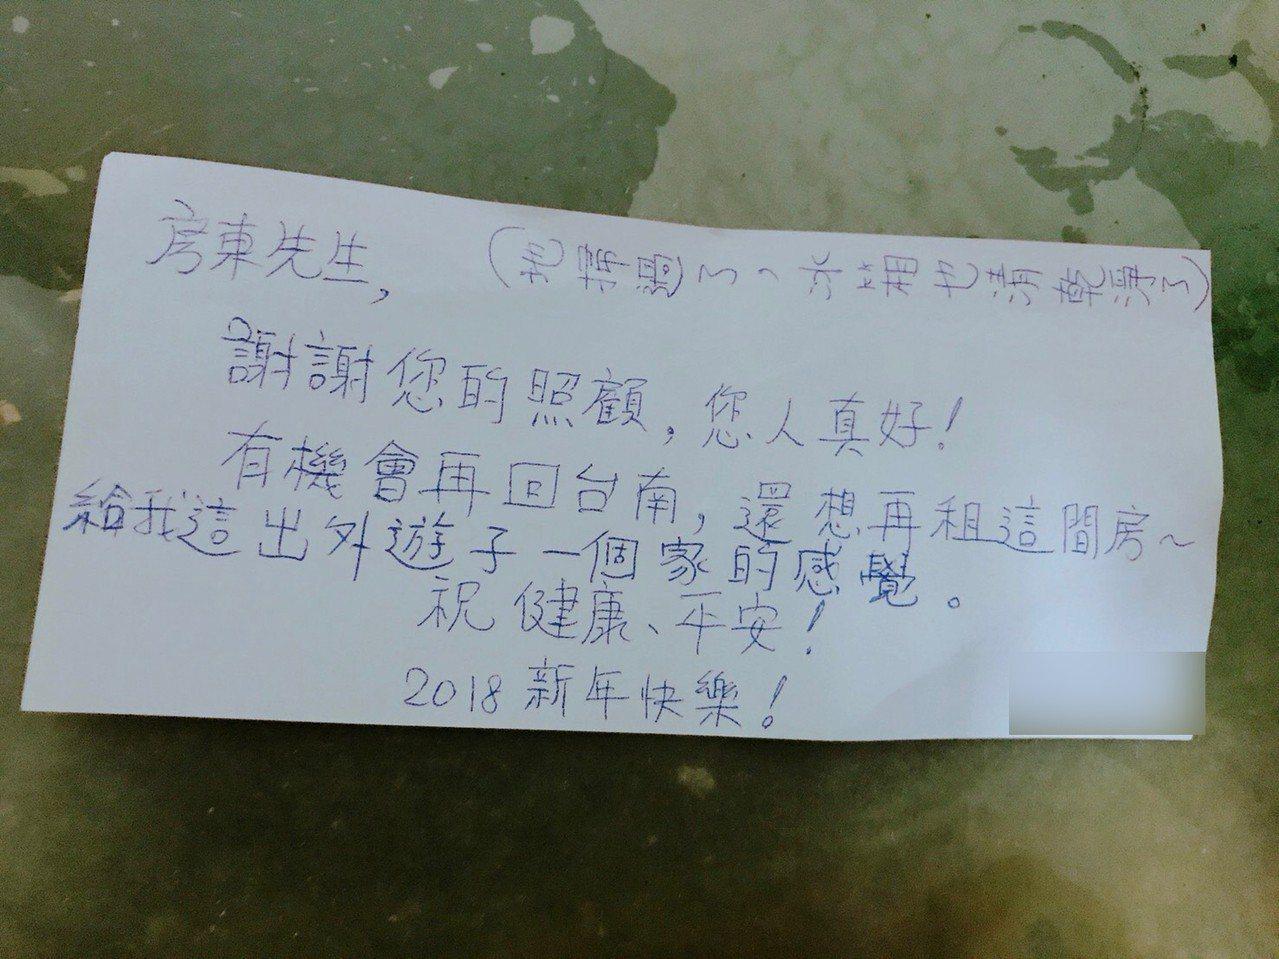 死者小女兒今處整理遺物時,發現死者桌上留下一張紙條,原來是之前房客留下,上面寫著...